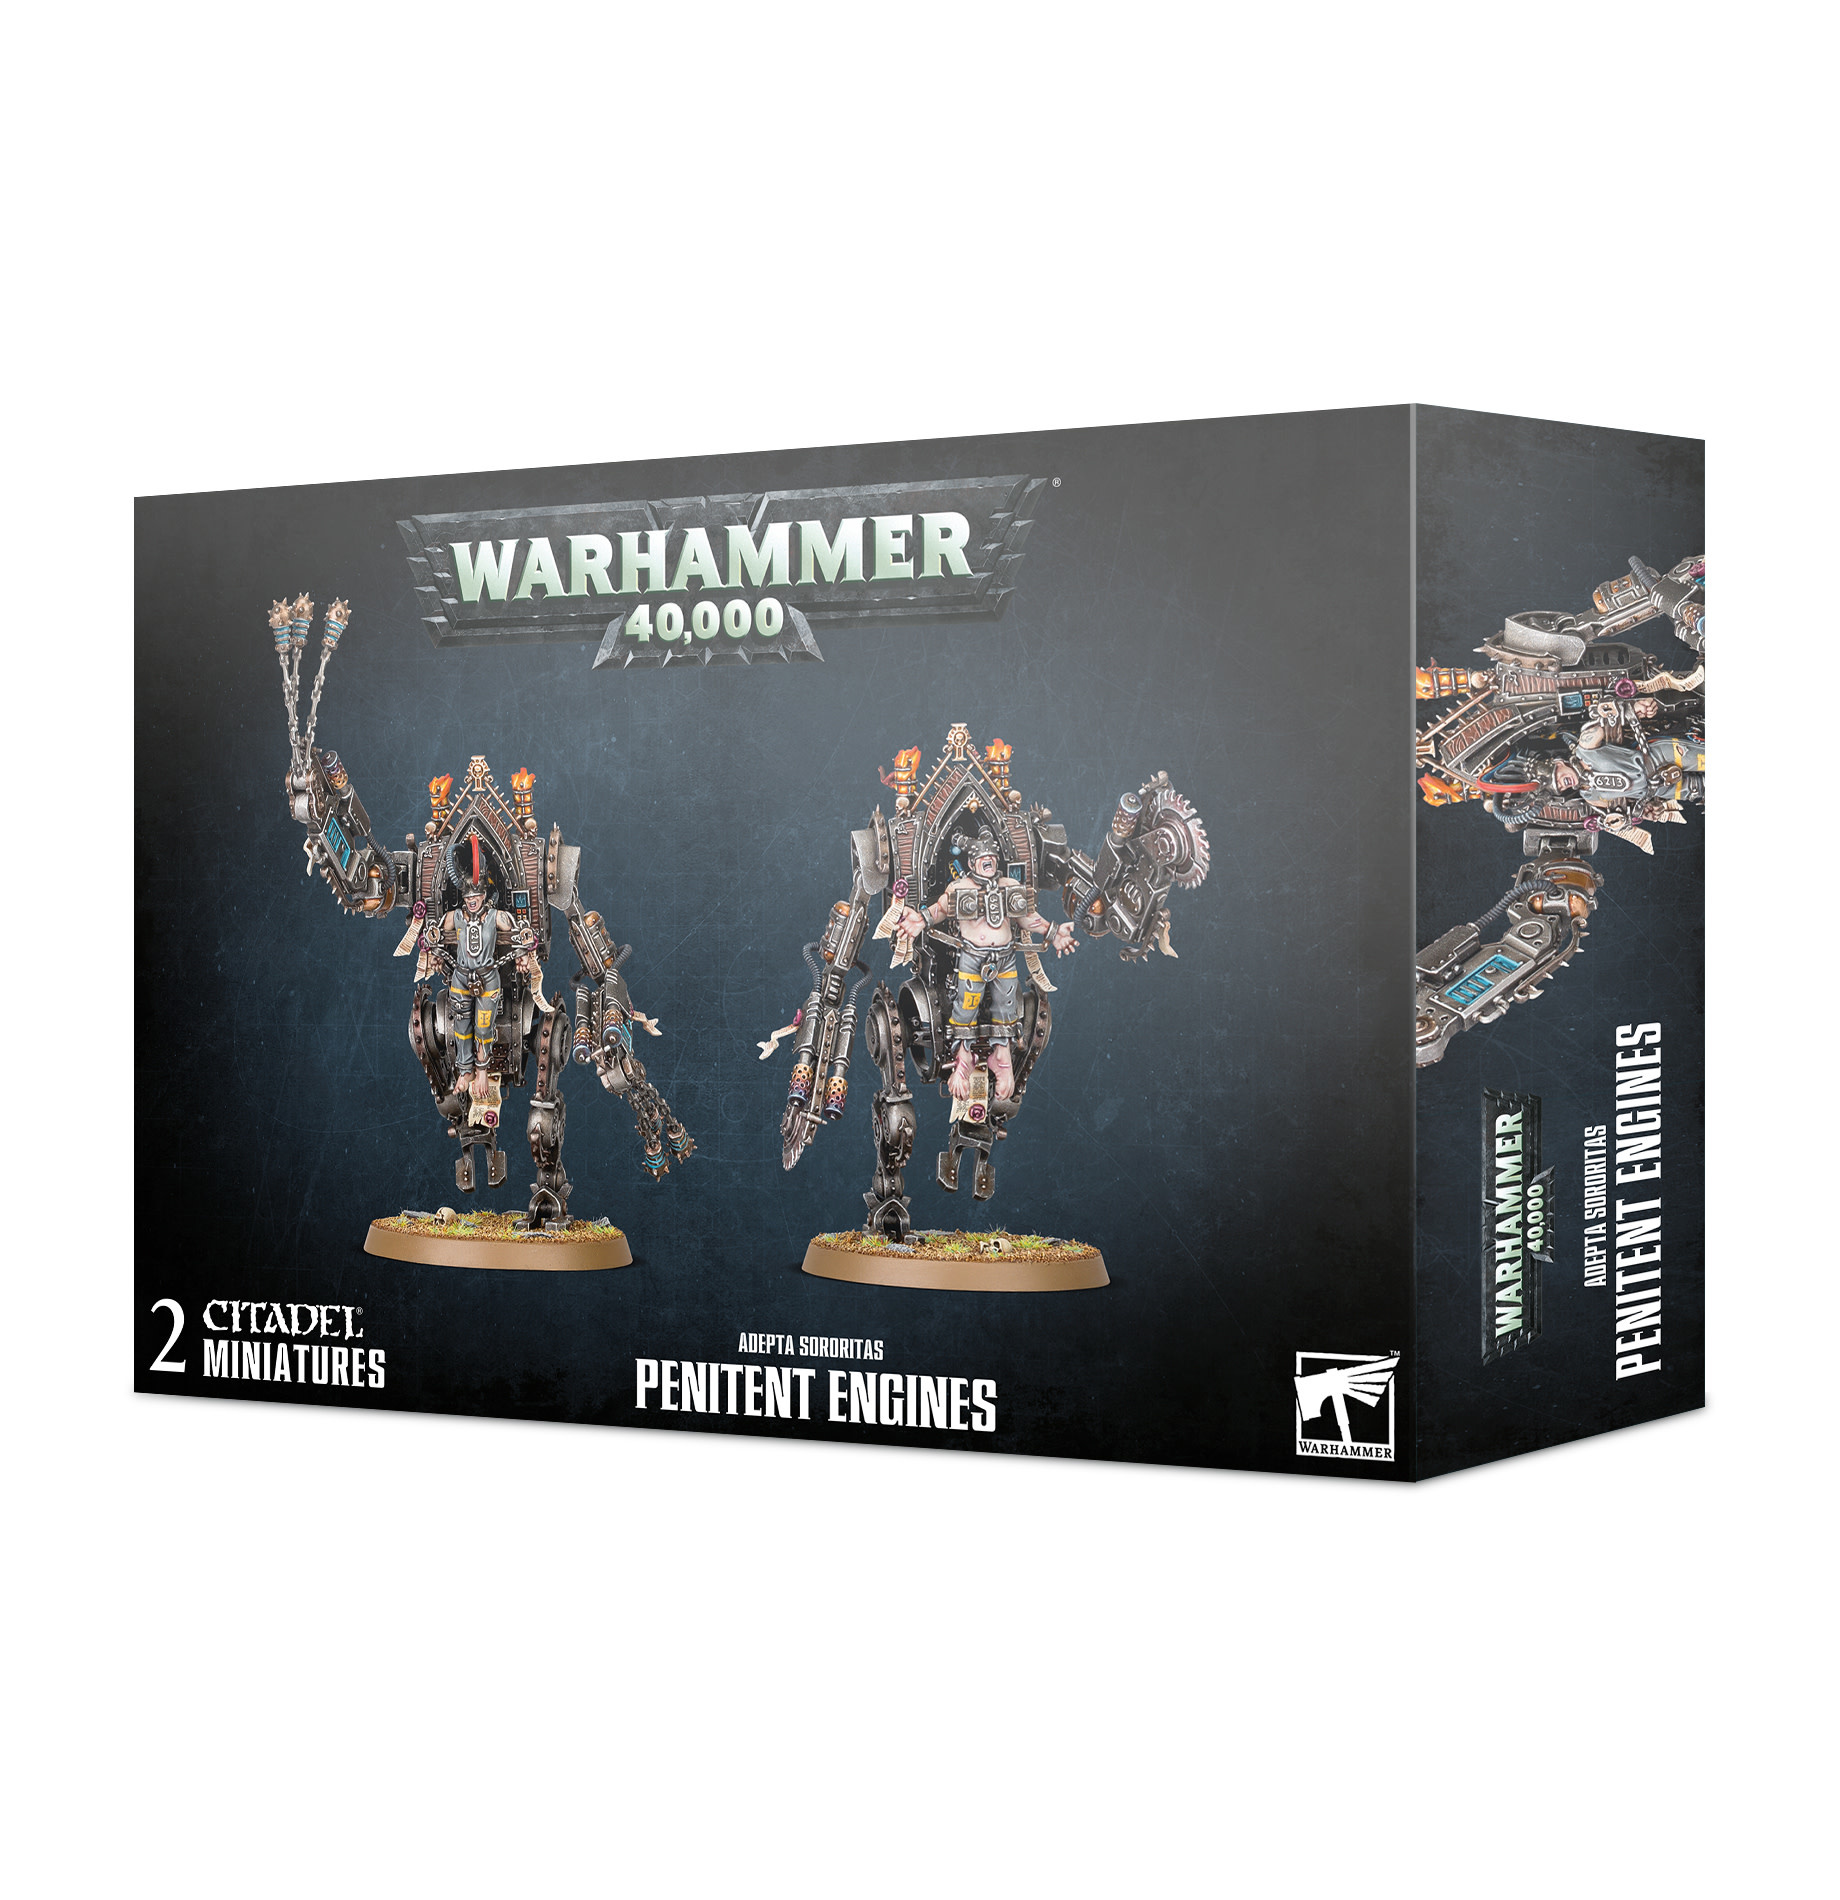 Warhammer 40k Adeptas Sororitas Penitent Engines